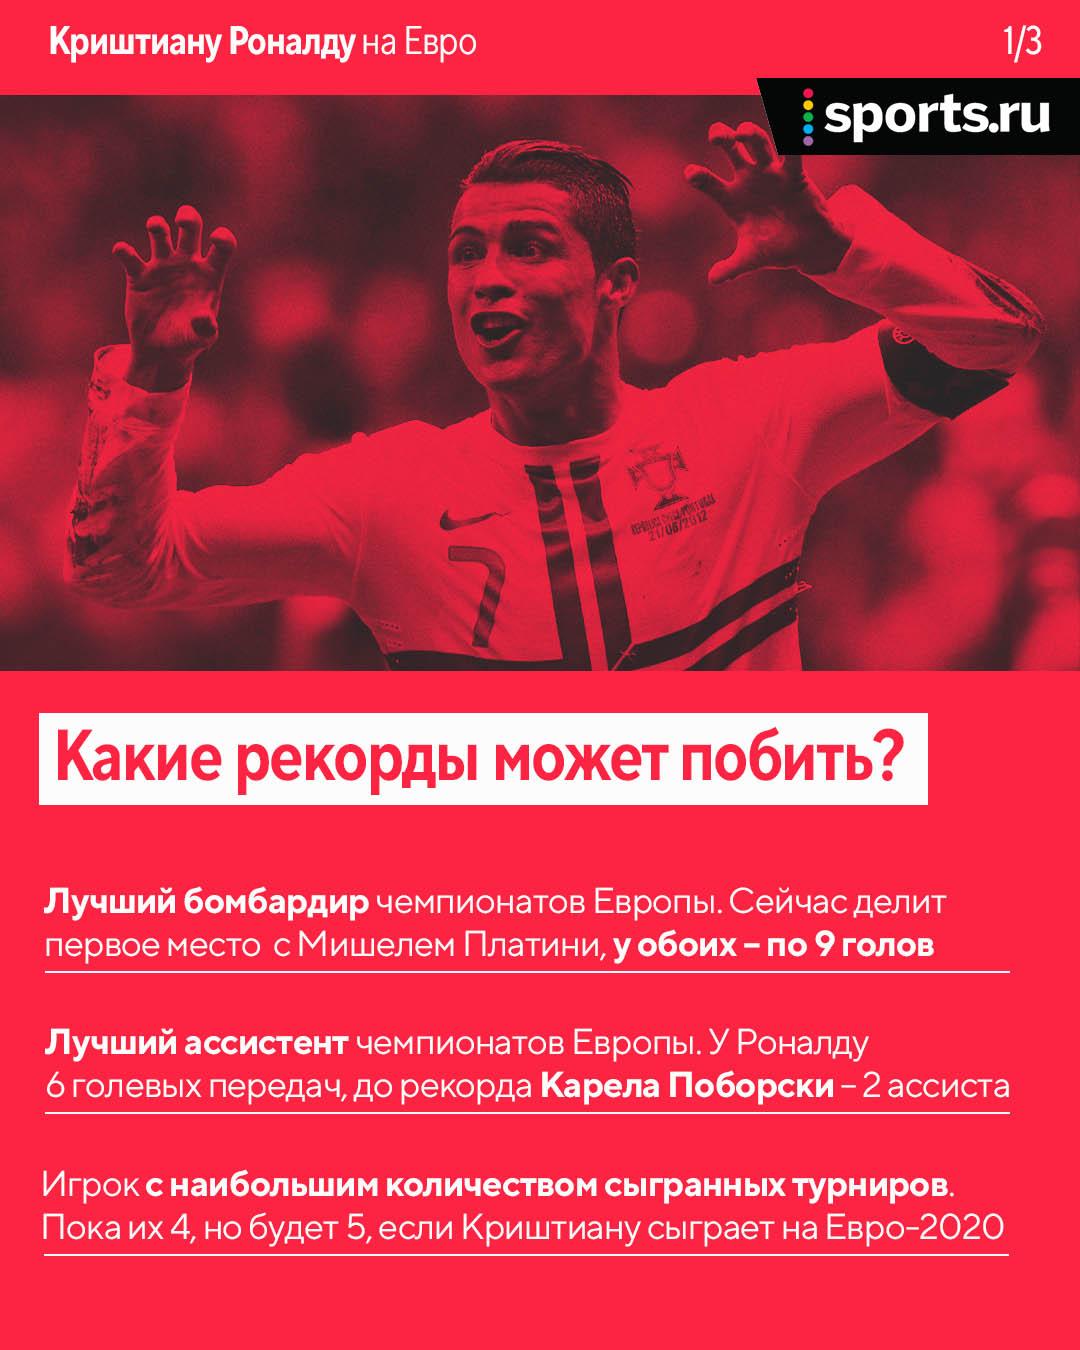 Рекорды, которые может побить Роналду на этом Евро: голы, передачи и третий финал